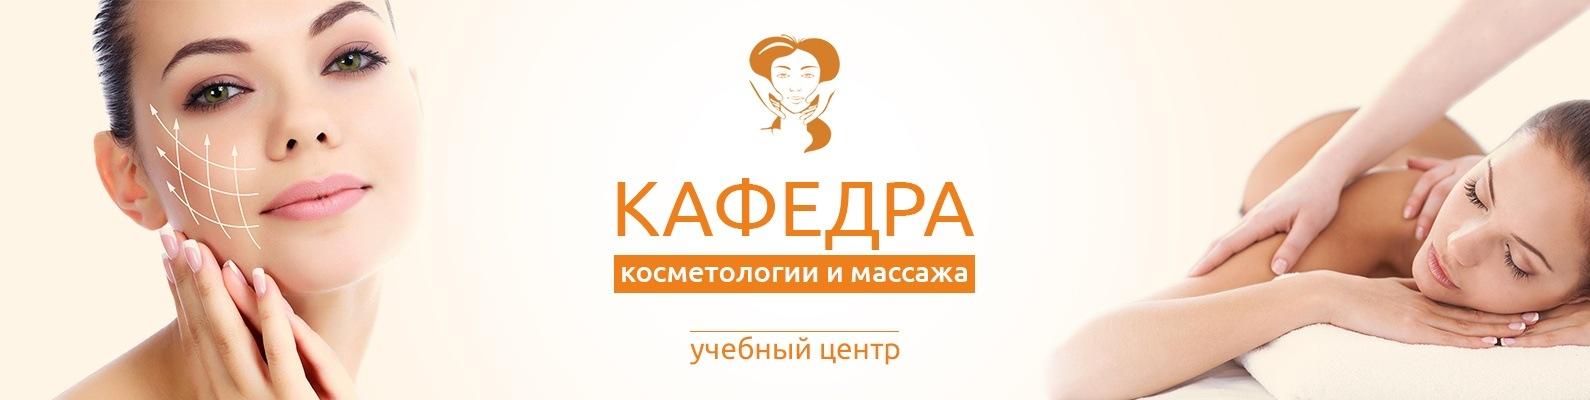 плеяна косметика официальный сайт спб